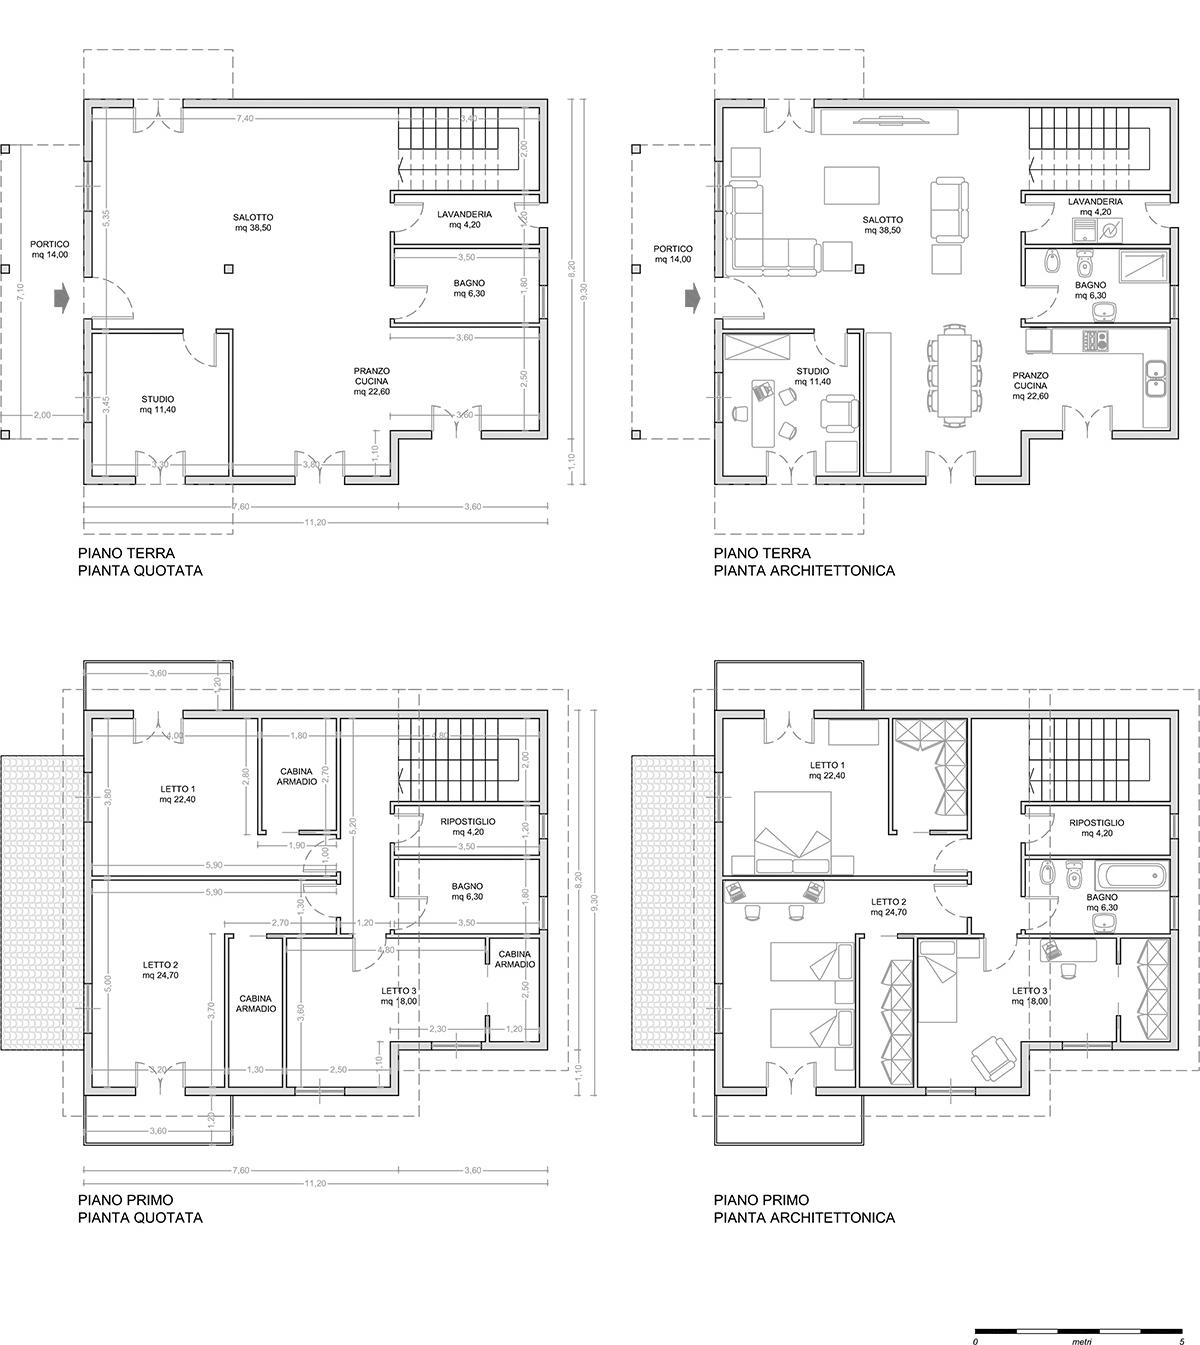 Casa 60 Mq Pianta casa azzurra - glg legnami case prefabbricate in legno